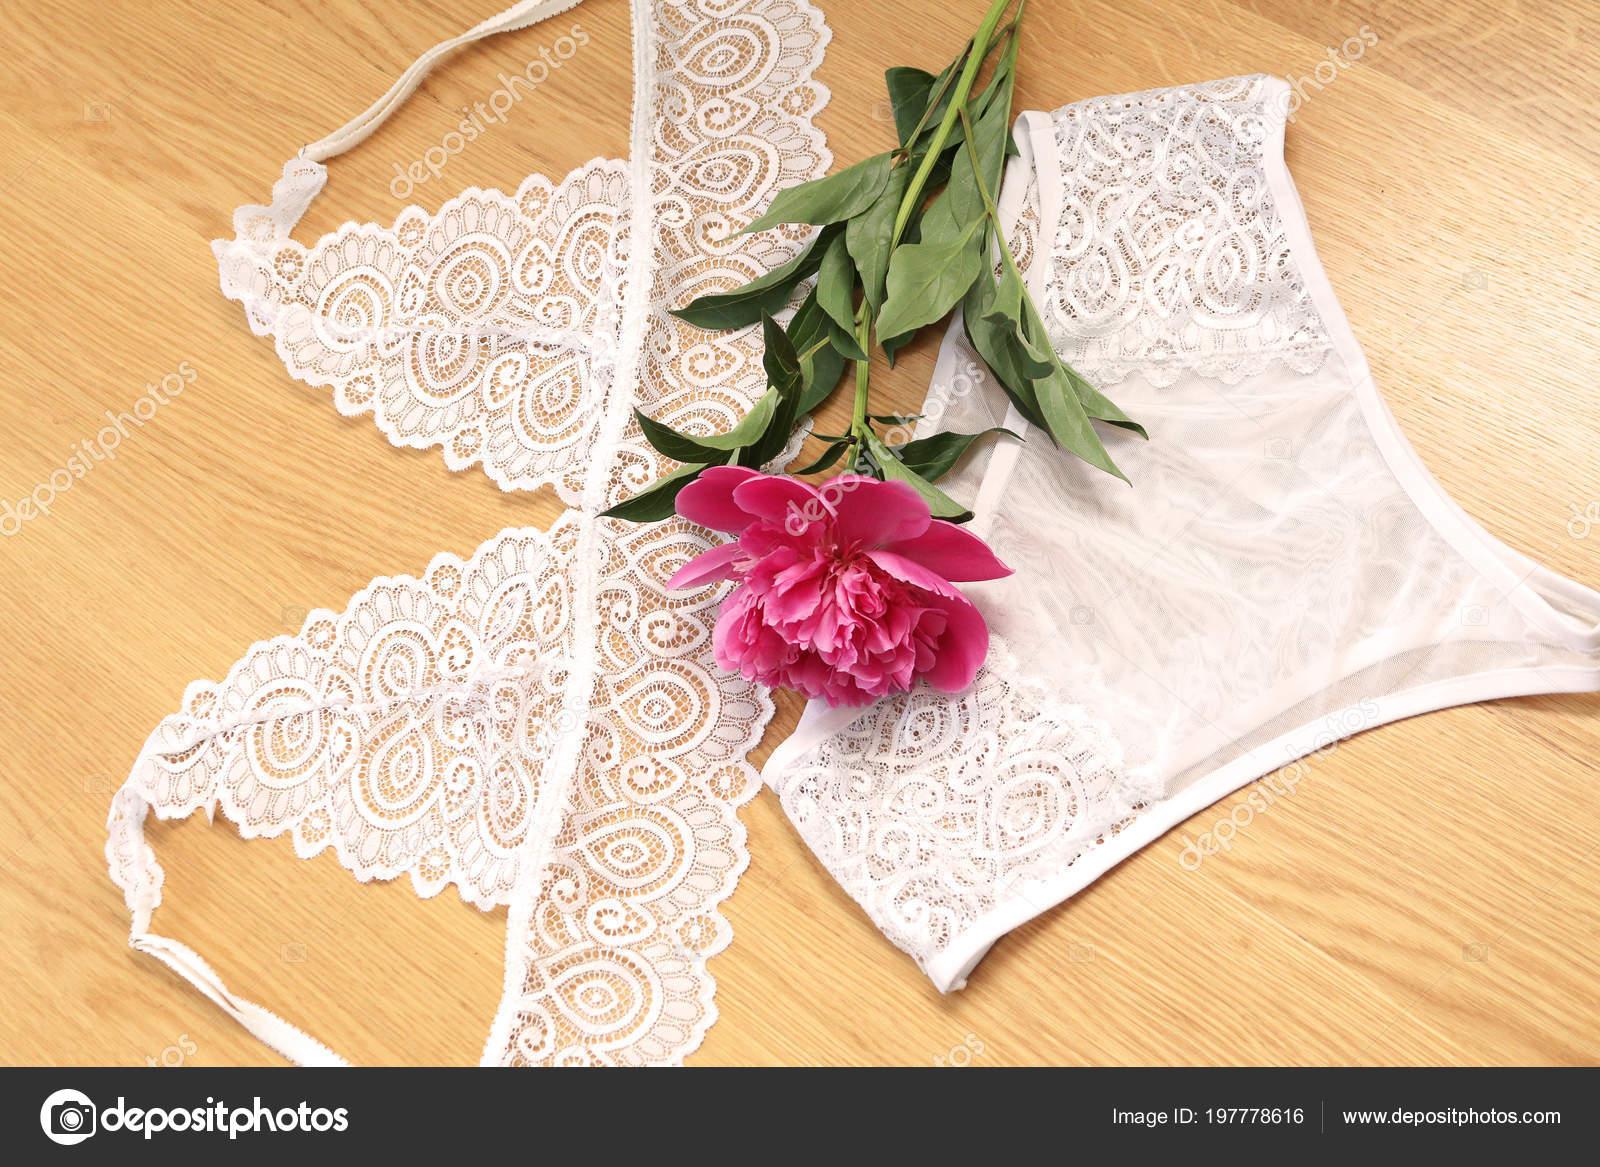 DOUYA Ensemble De sous-Vêtements Sexy pour Femmes Ajouré Sexy avec Crochet en Dentelle Et Fleur,Purple,S: Cuisine & Maison.